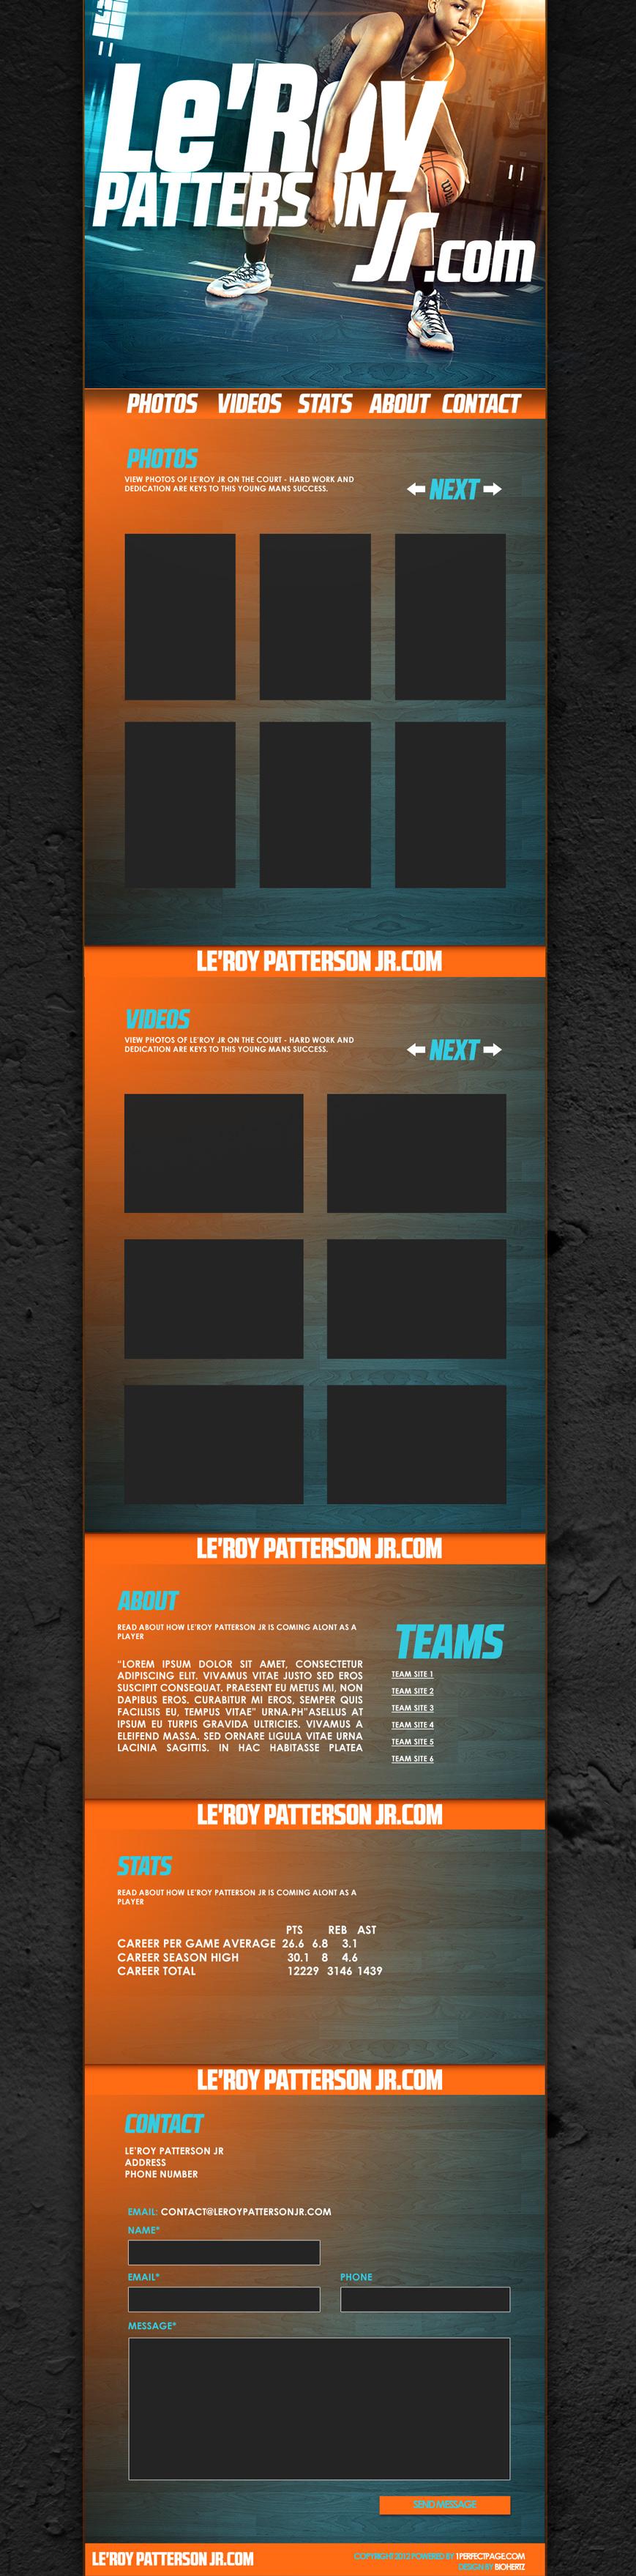 1PerfectPage_Mockup_LeroyJr_03.jpg